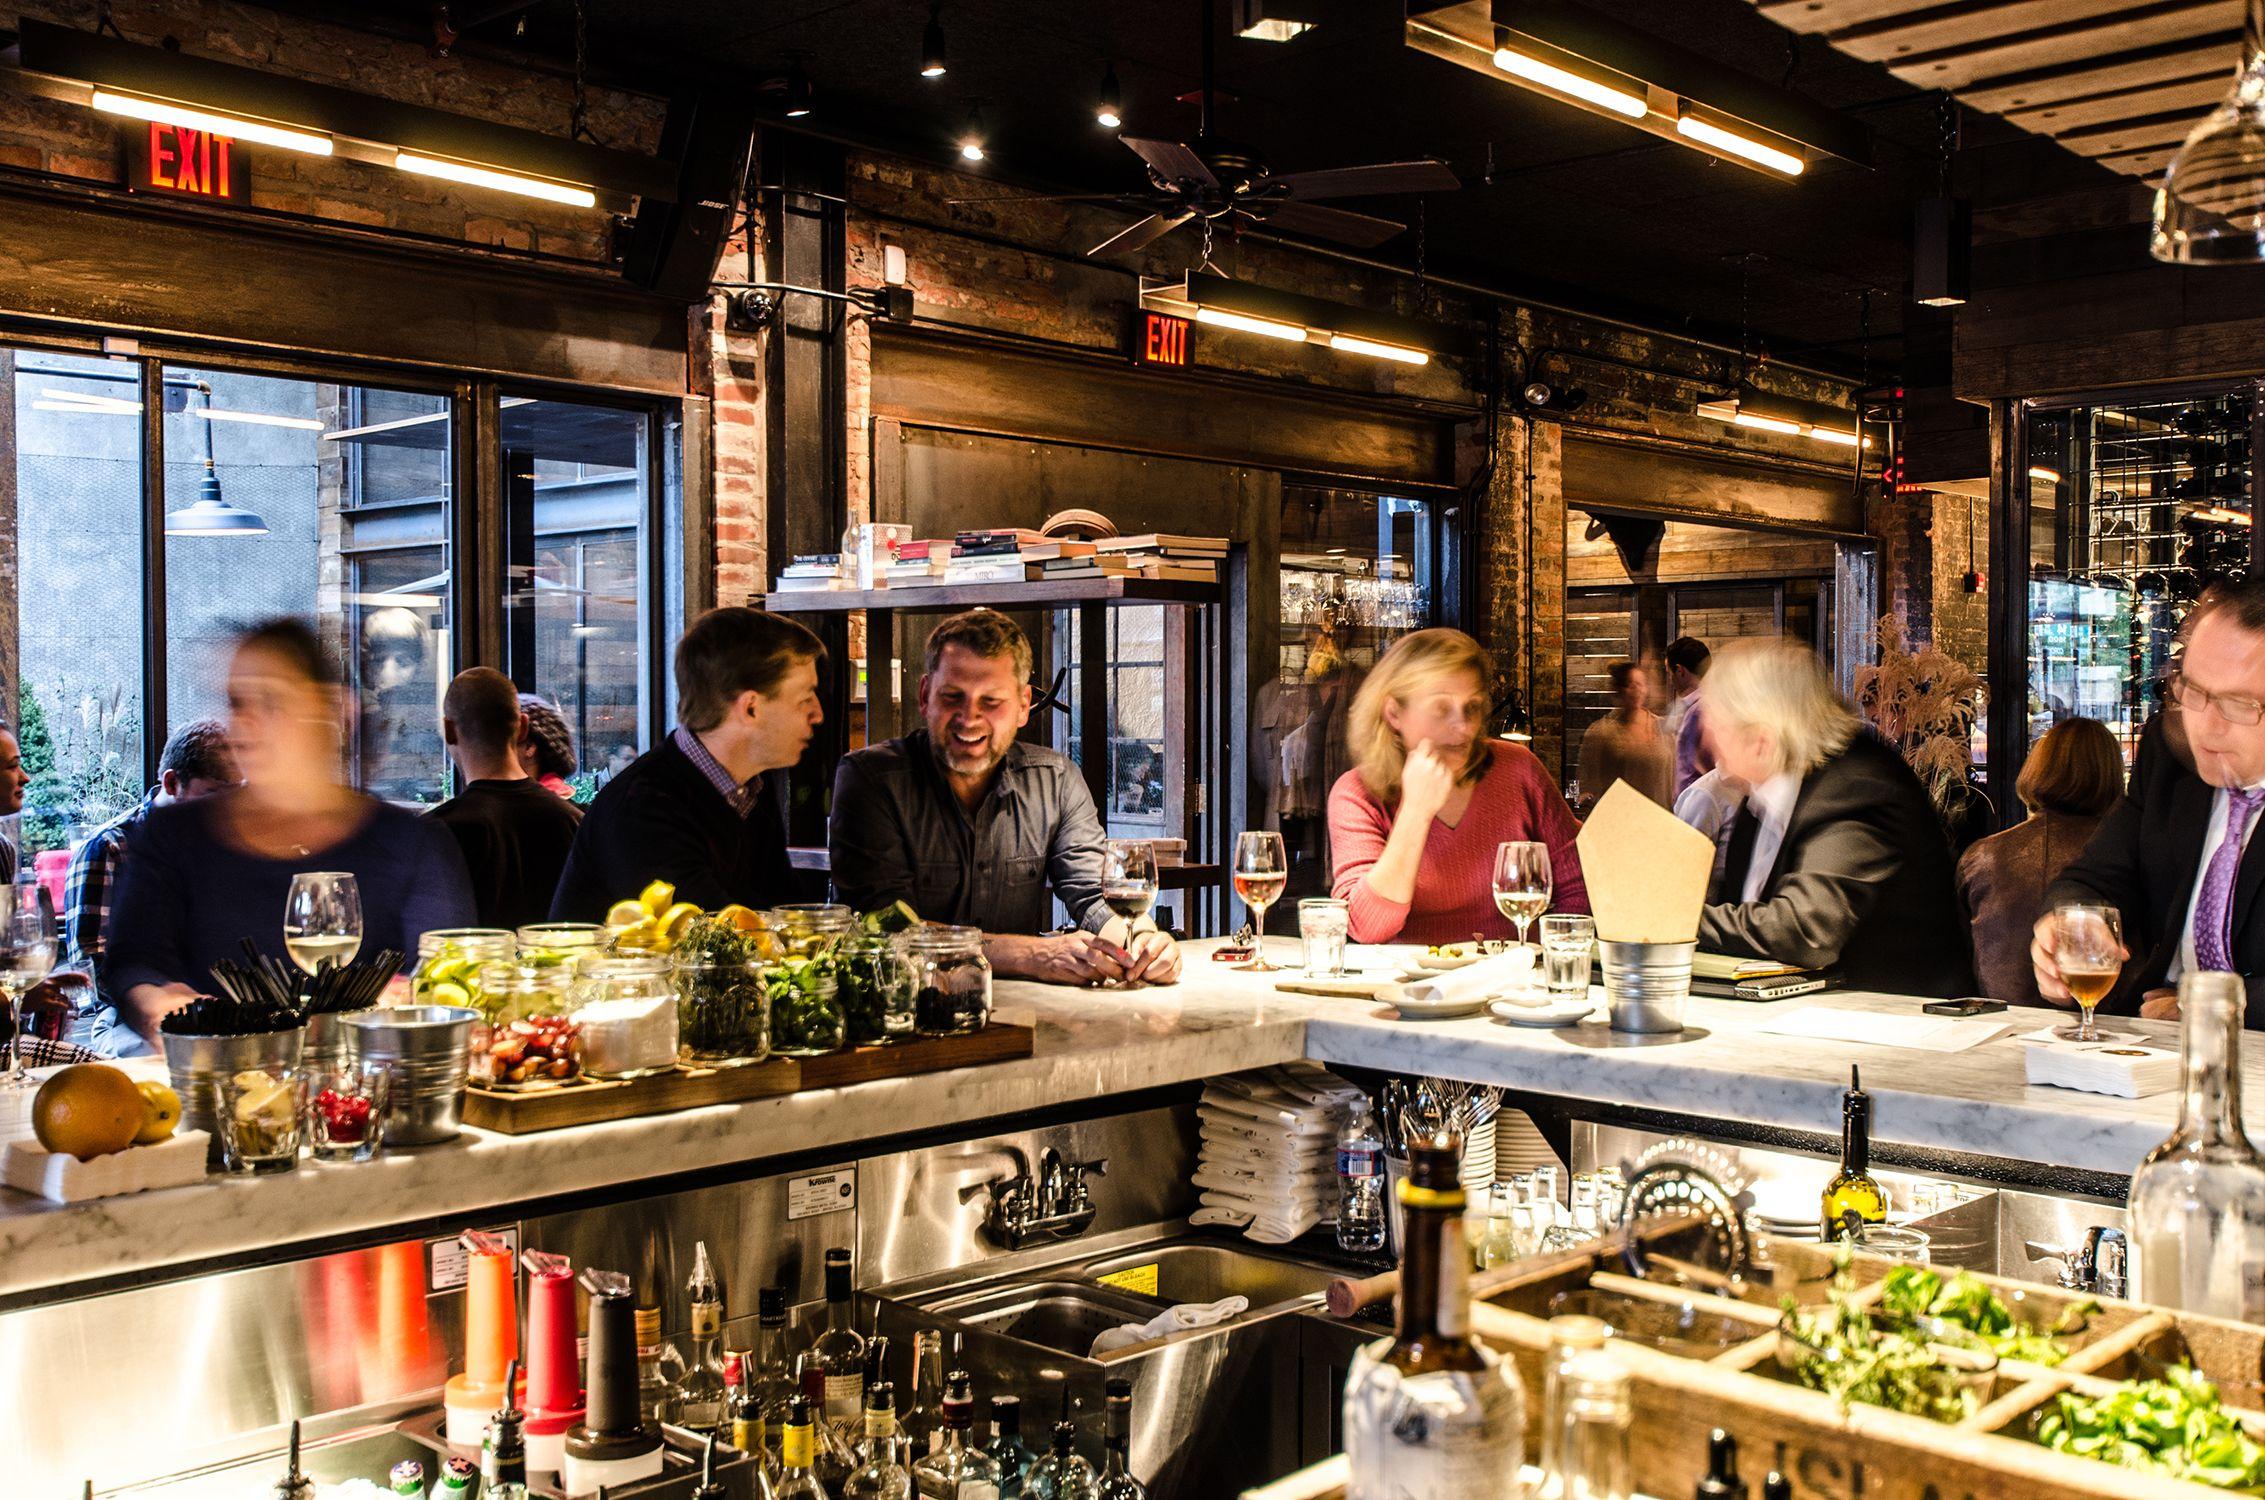 Barcelona Wine Bar Restaurant Wine Bar Restaurant Barcelona Wine Bar Restaurant Bar